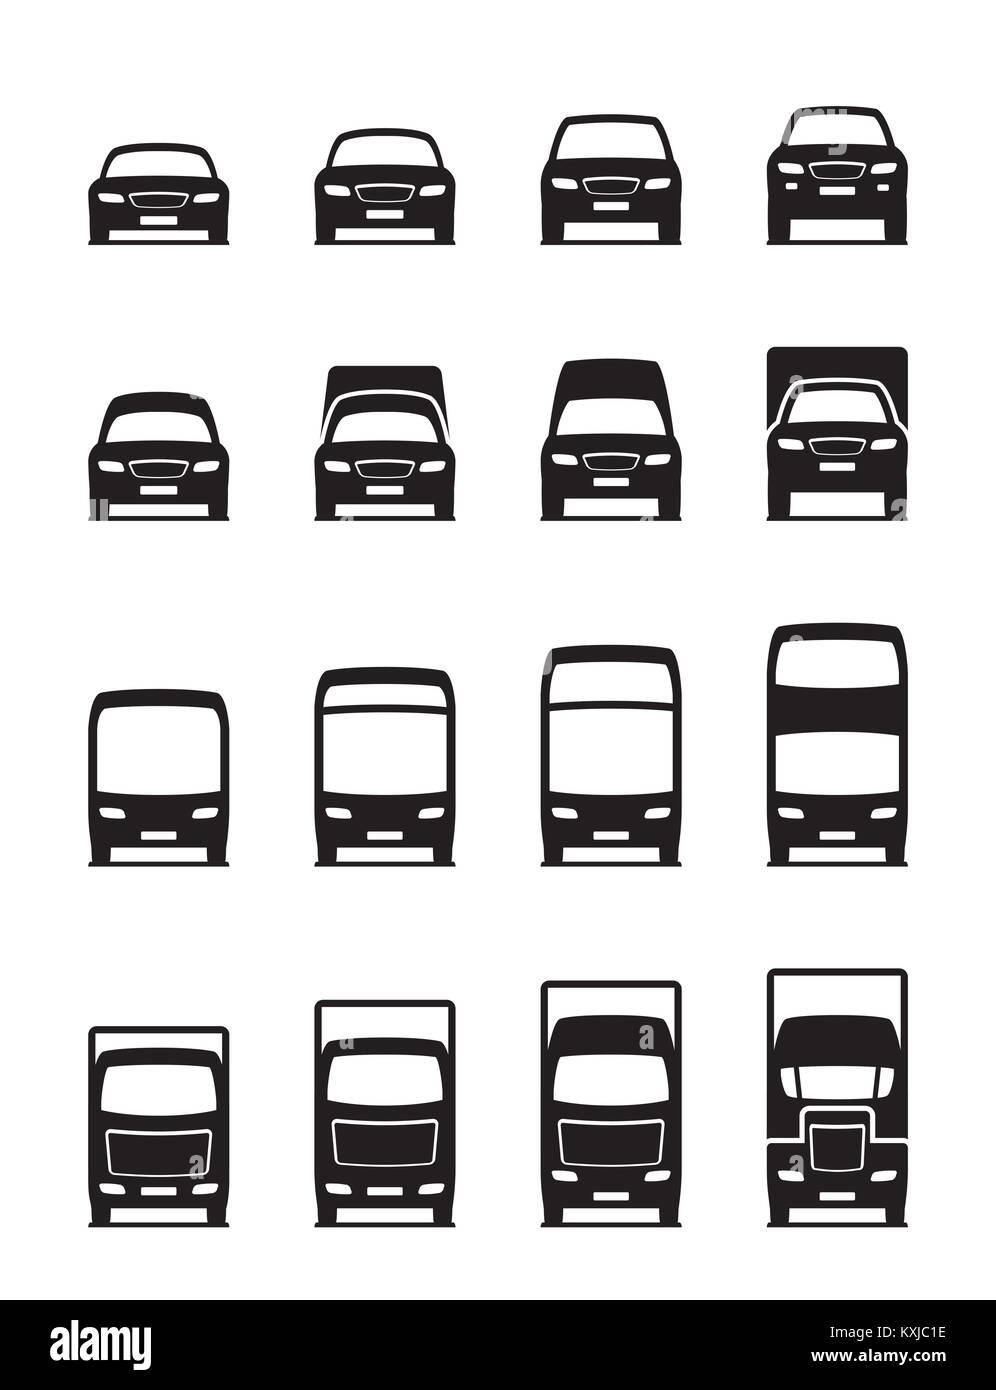 Los vehículos de transporte por carretera en la parte delantera - ilustración vectorial Imagen De Stock